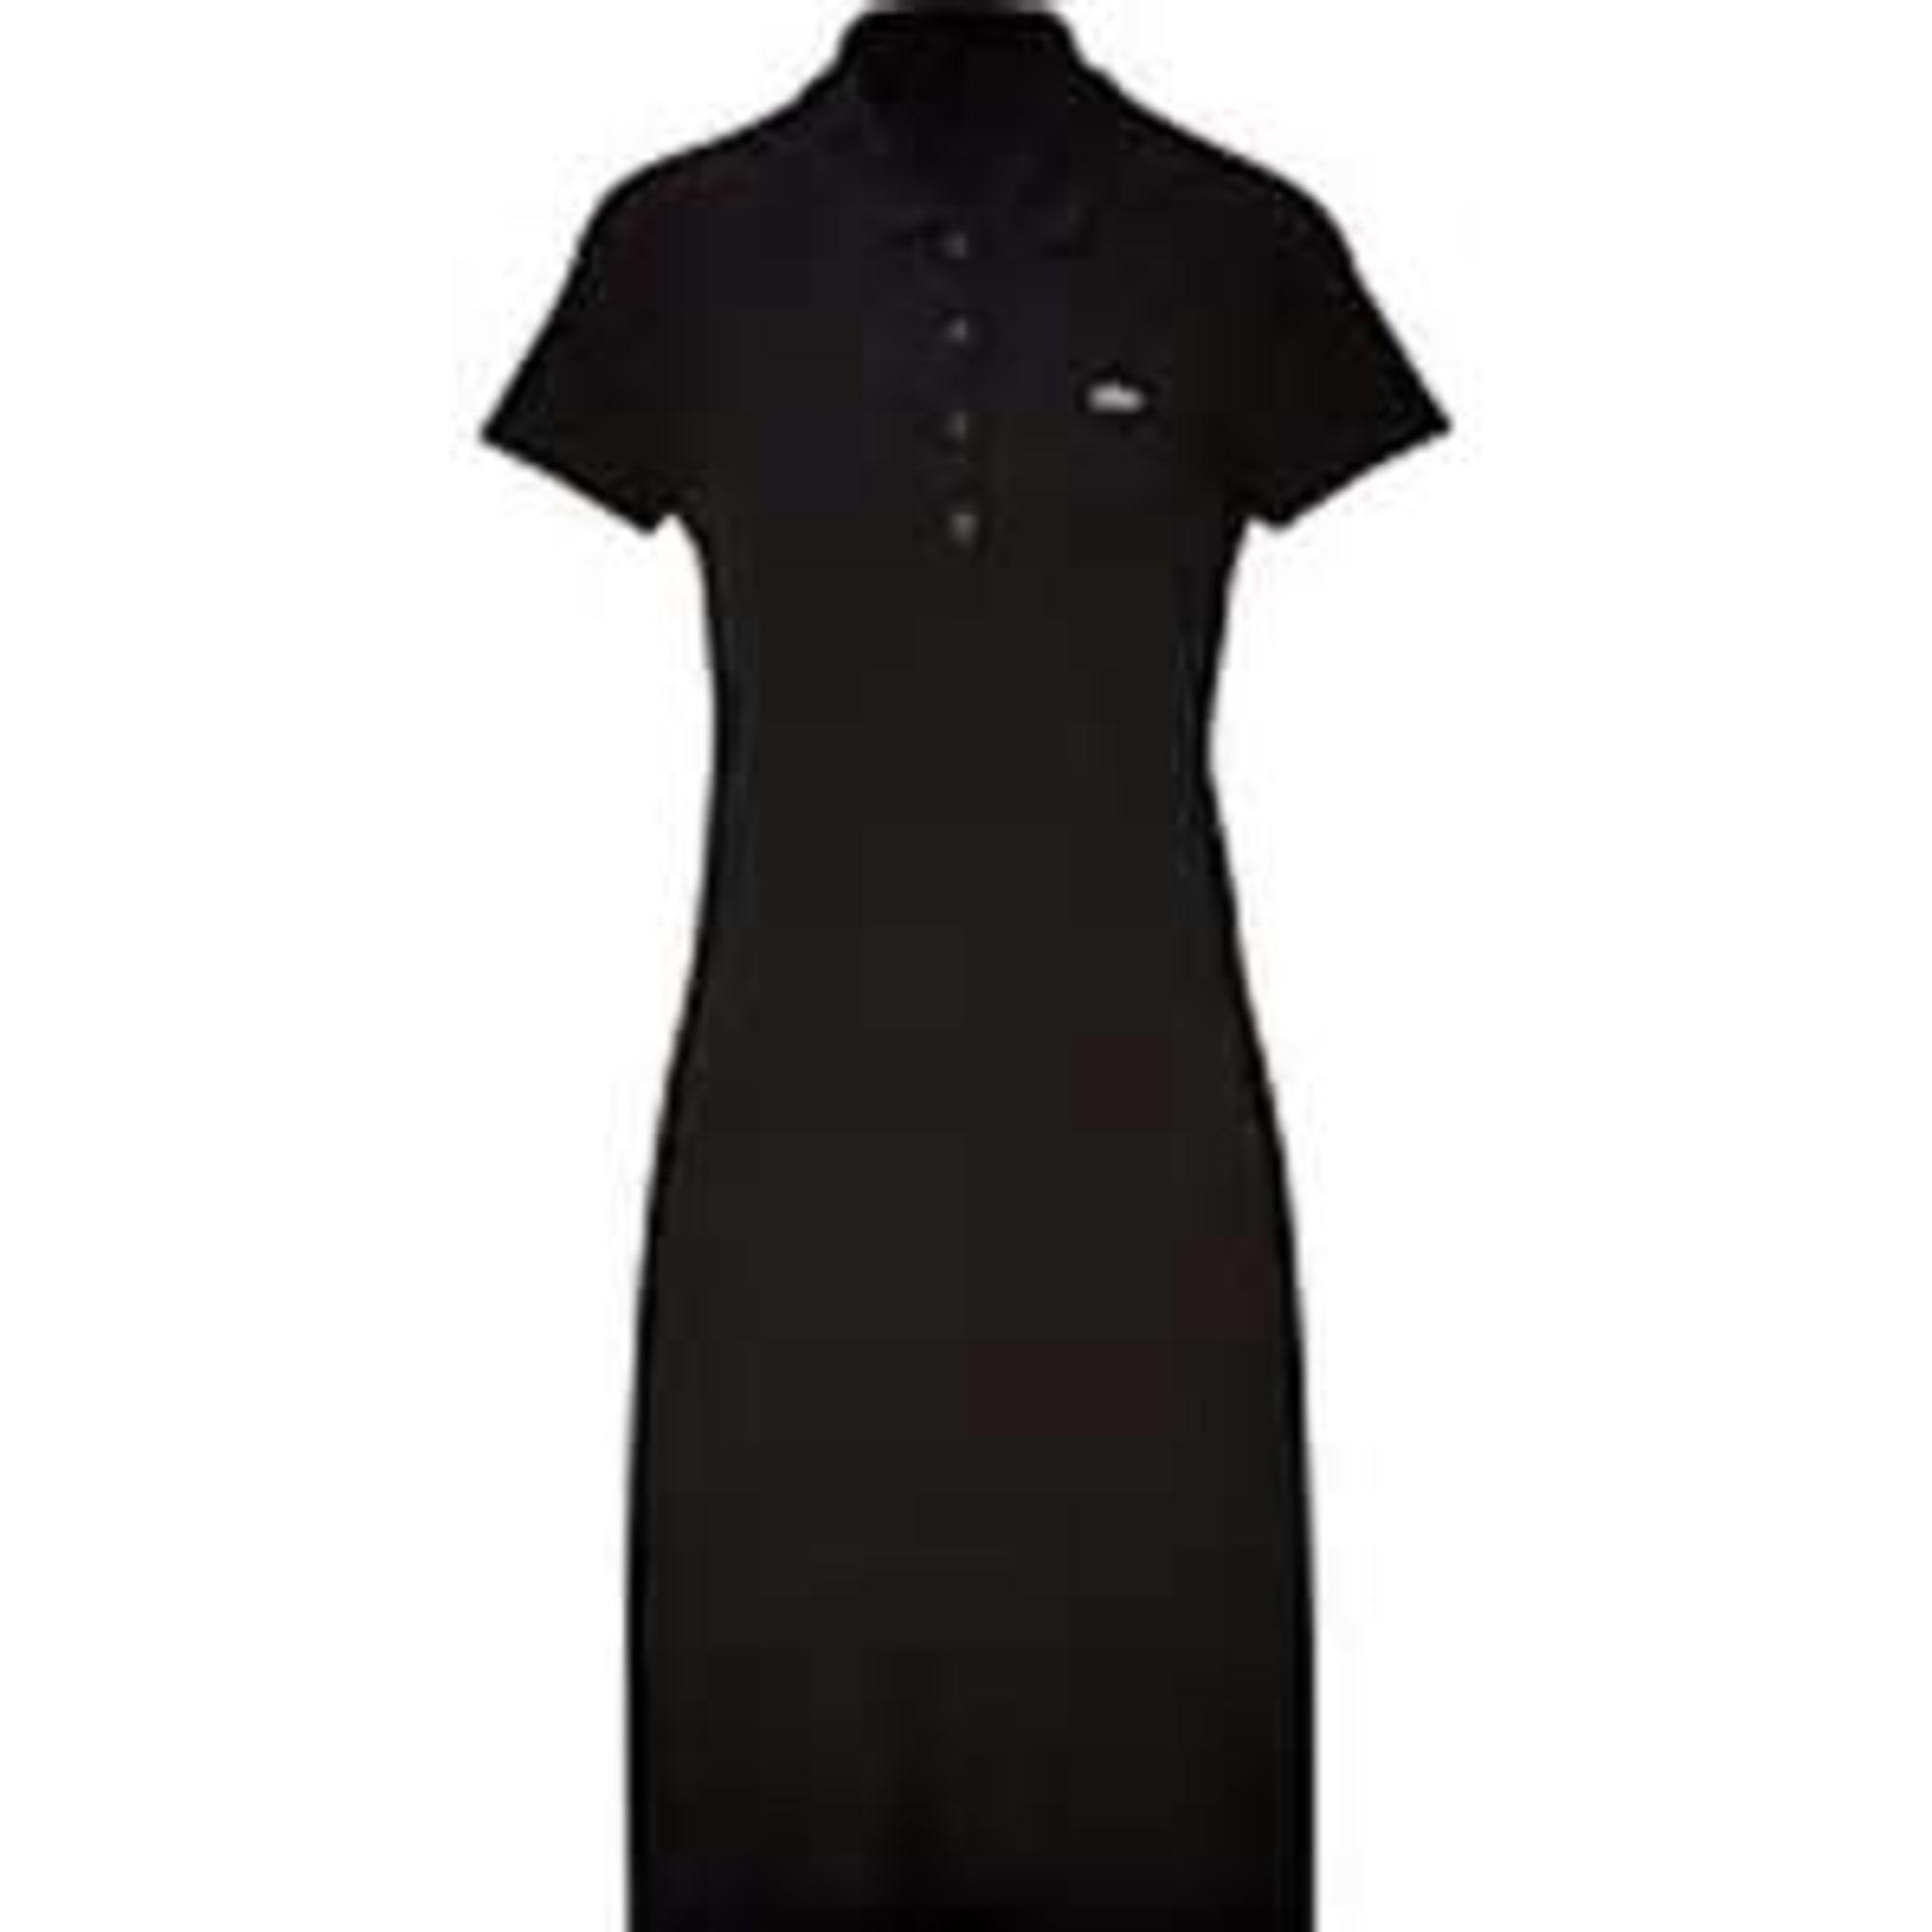 c2a379523d Robe courte LACOSTE 36 (S, T1) noir vendu par La boutique de la ...